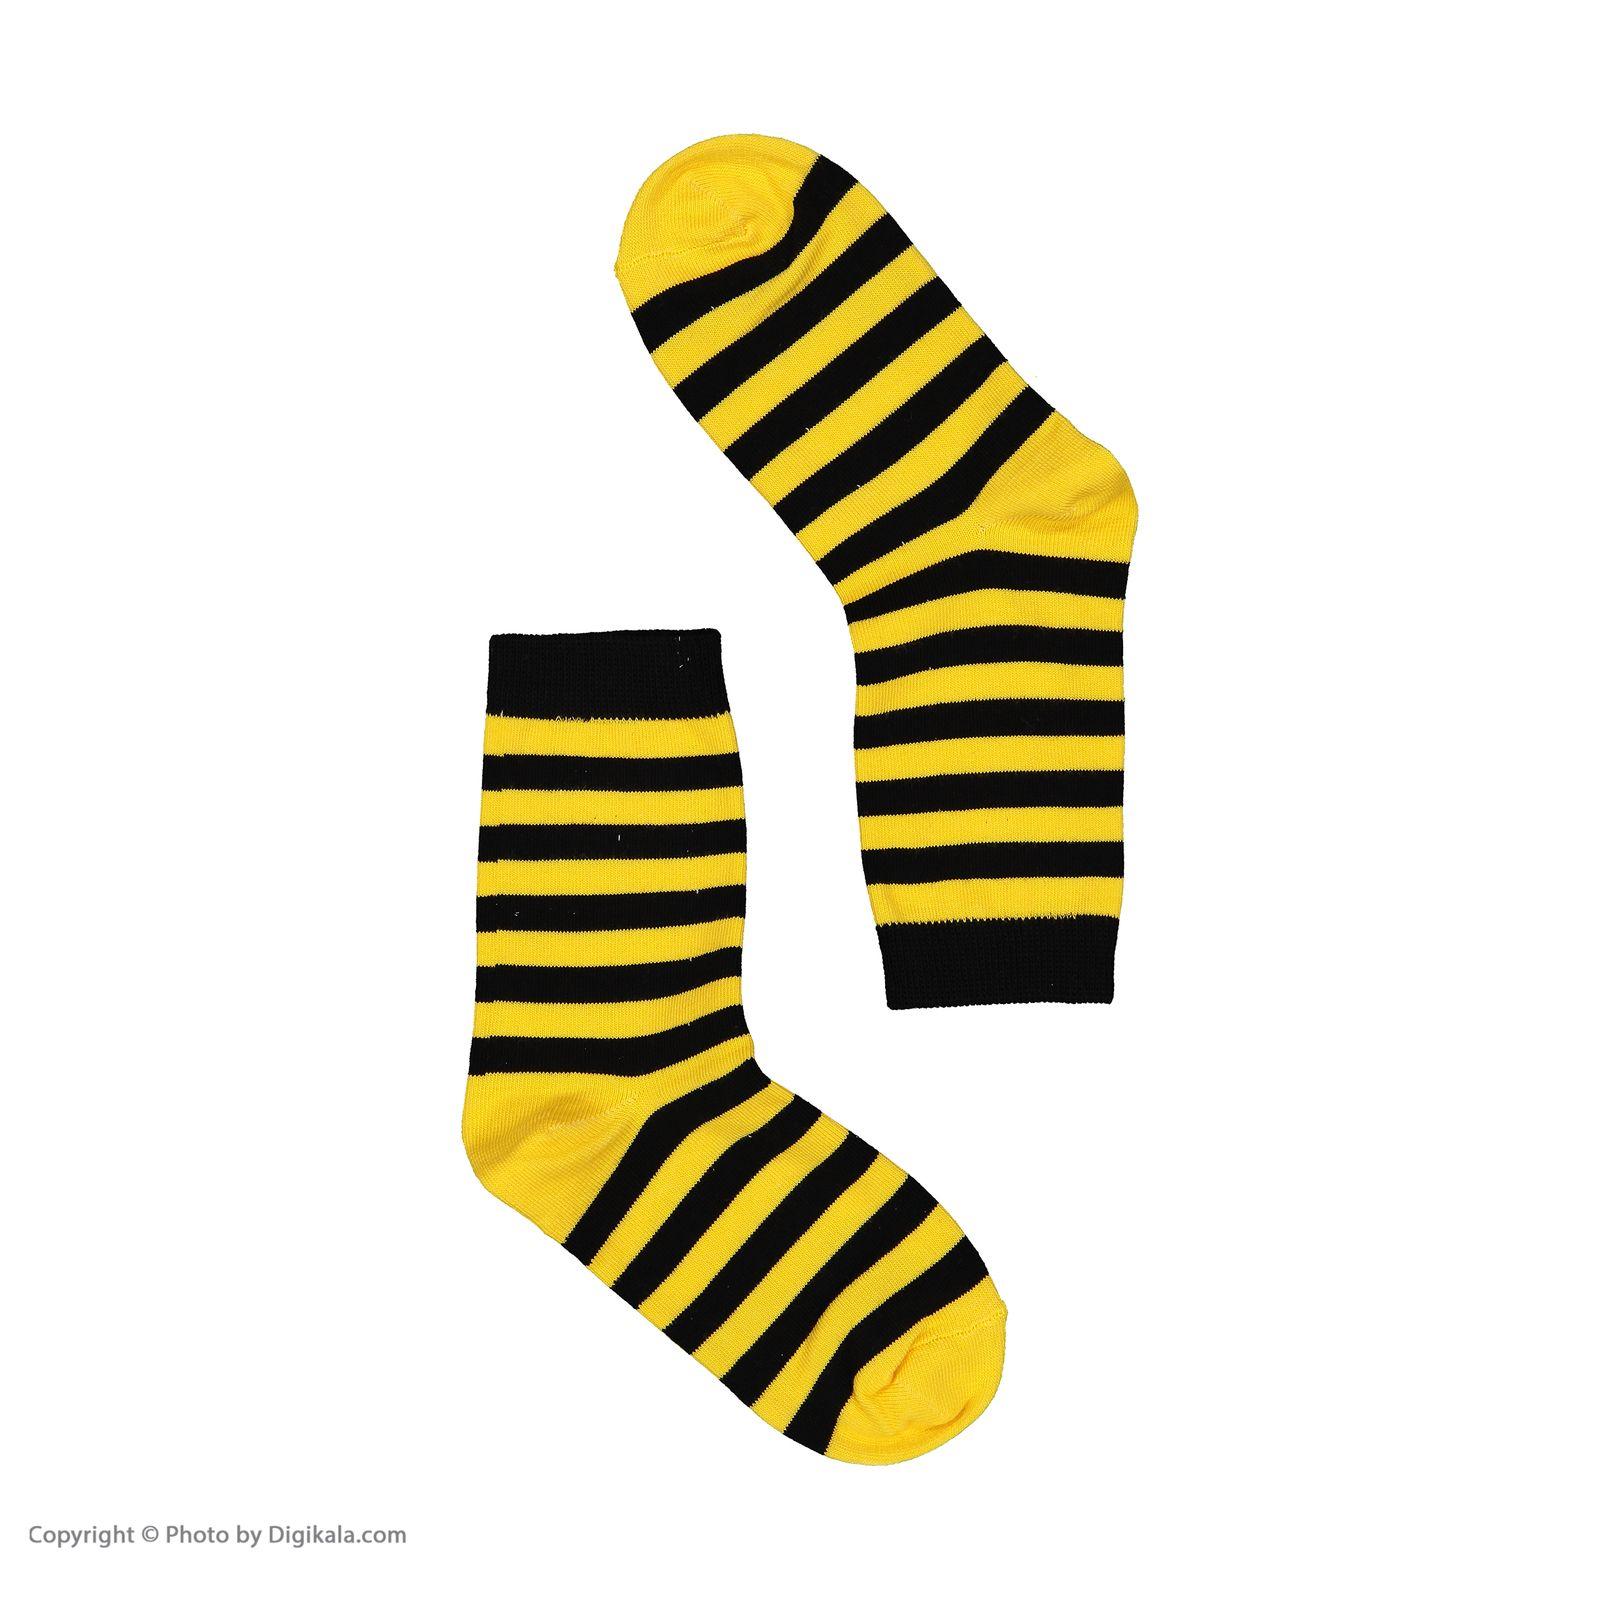 جوراب بچگانه پاتریس طرح زنبوری مدل 2271193-16 -  - 4